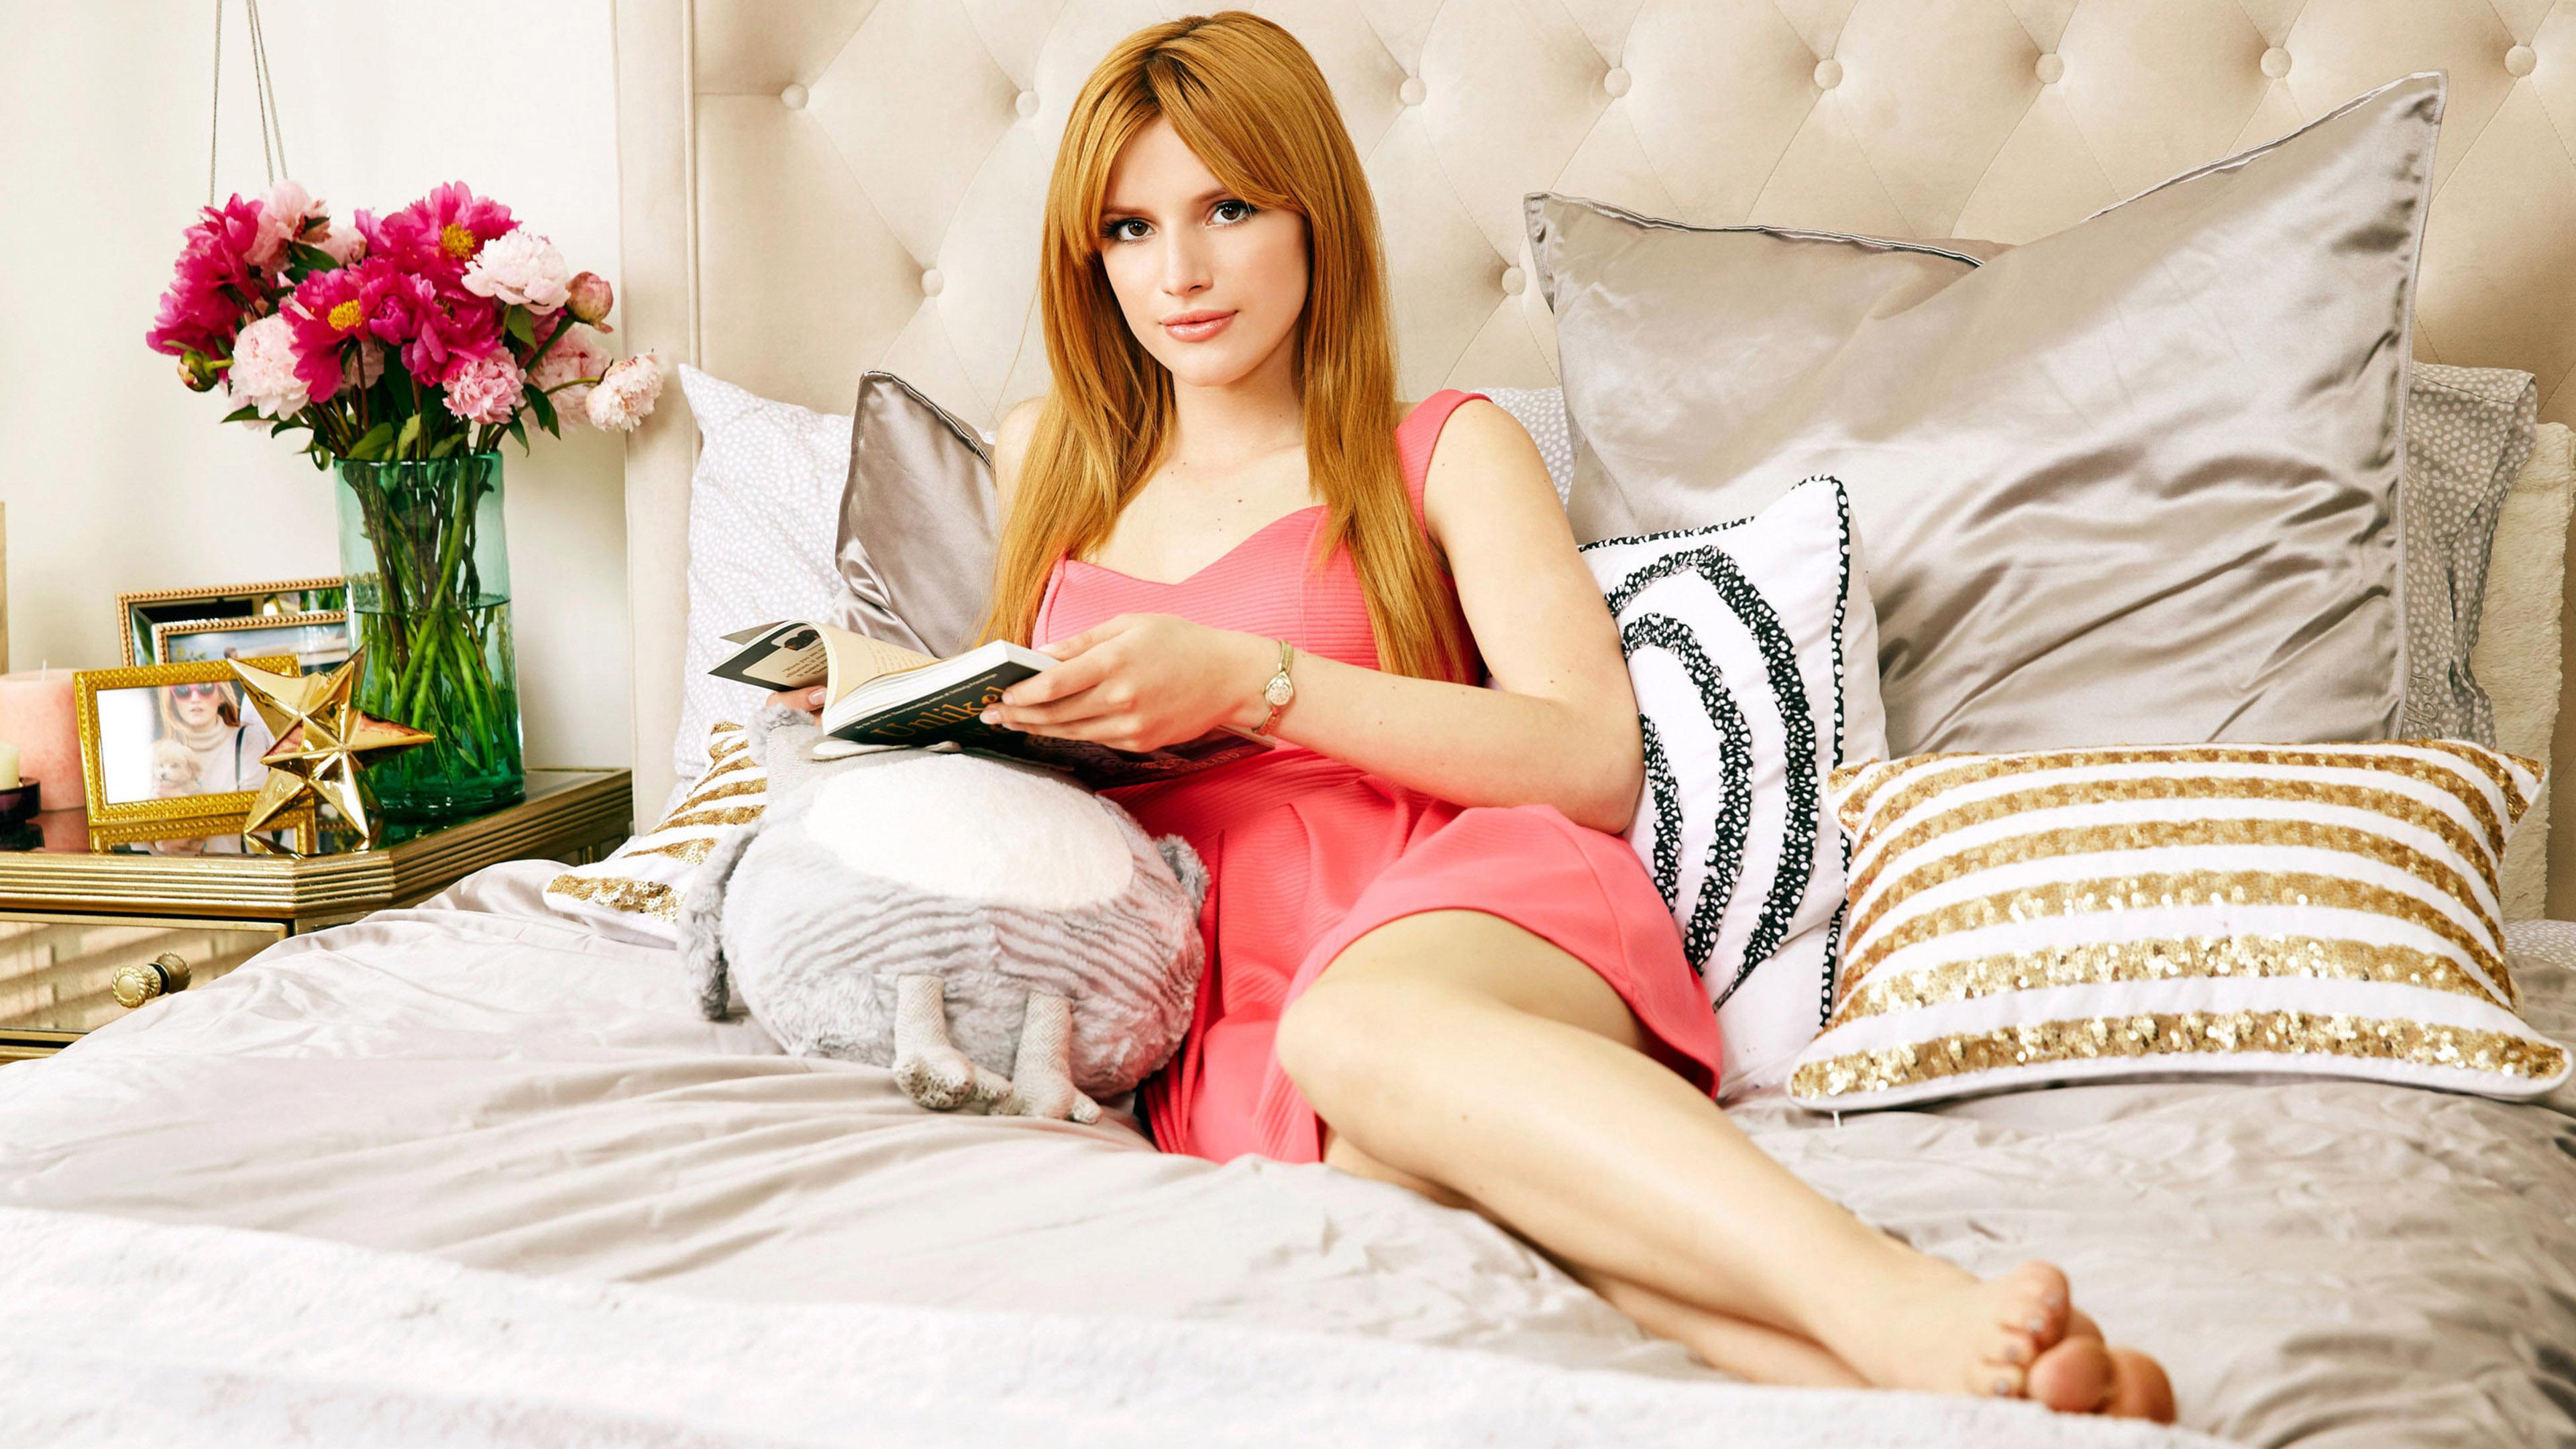 Fondos De Pantalla Bella Thorne Mujer Actriz Vestido